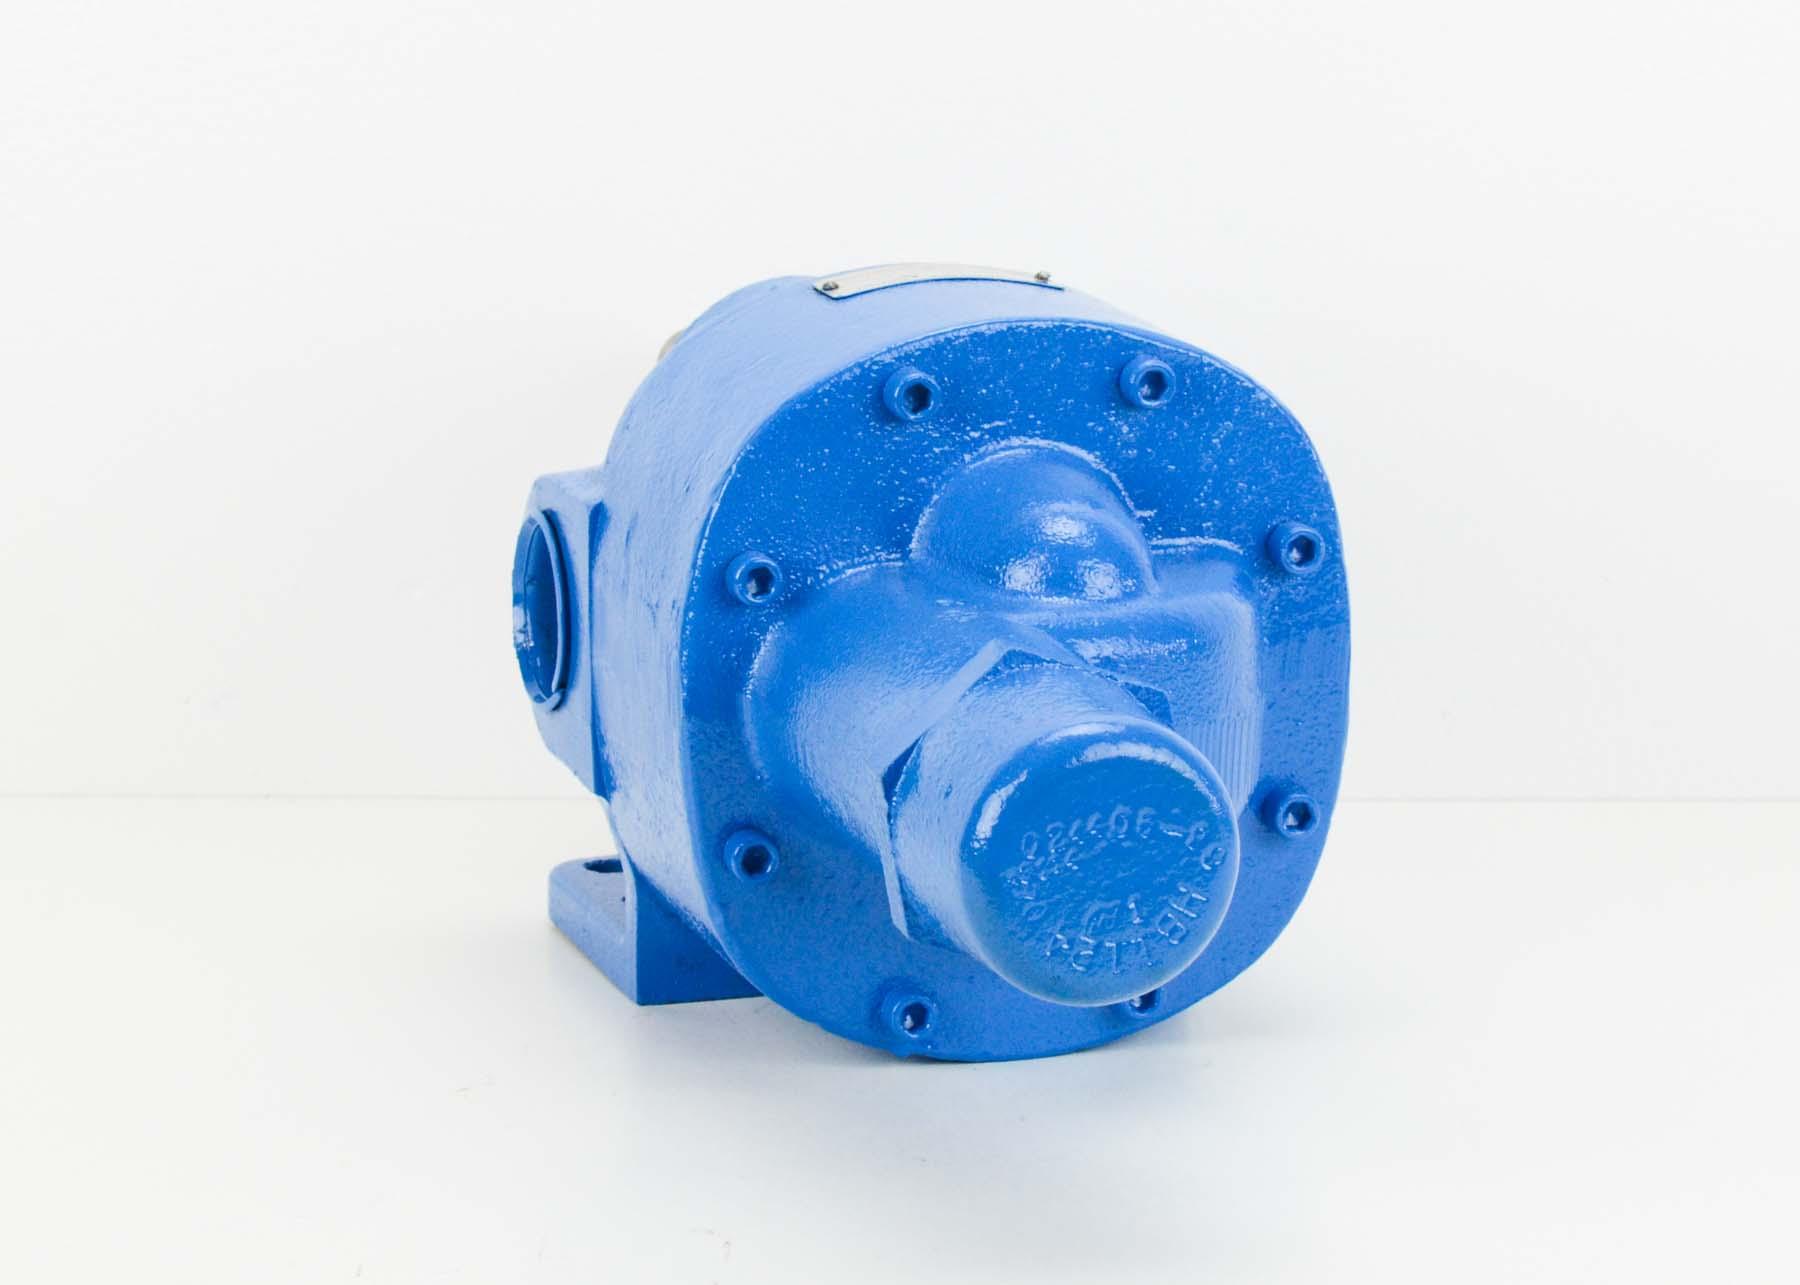 Ingersoll-Dresser 6GASPIDO Pump, Threaded Ports, Relief Valve (New